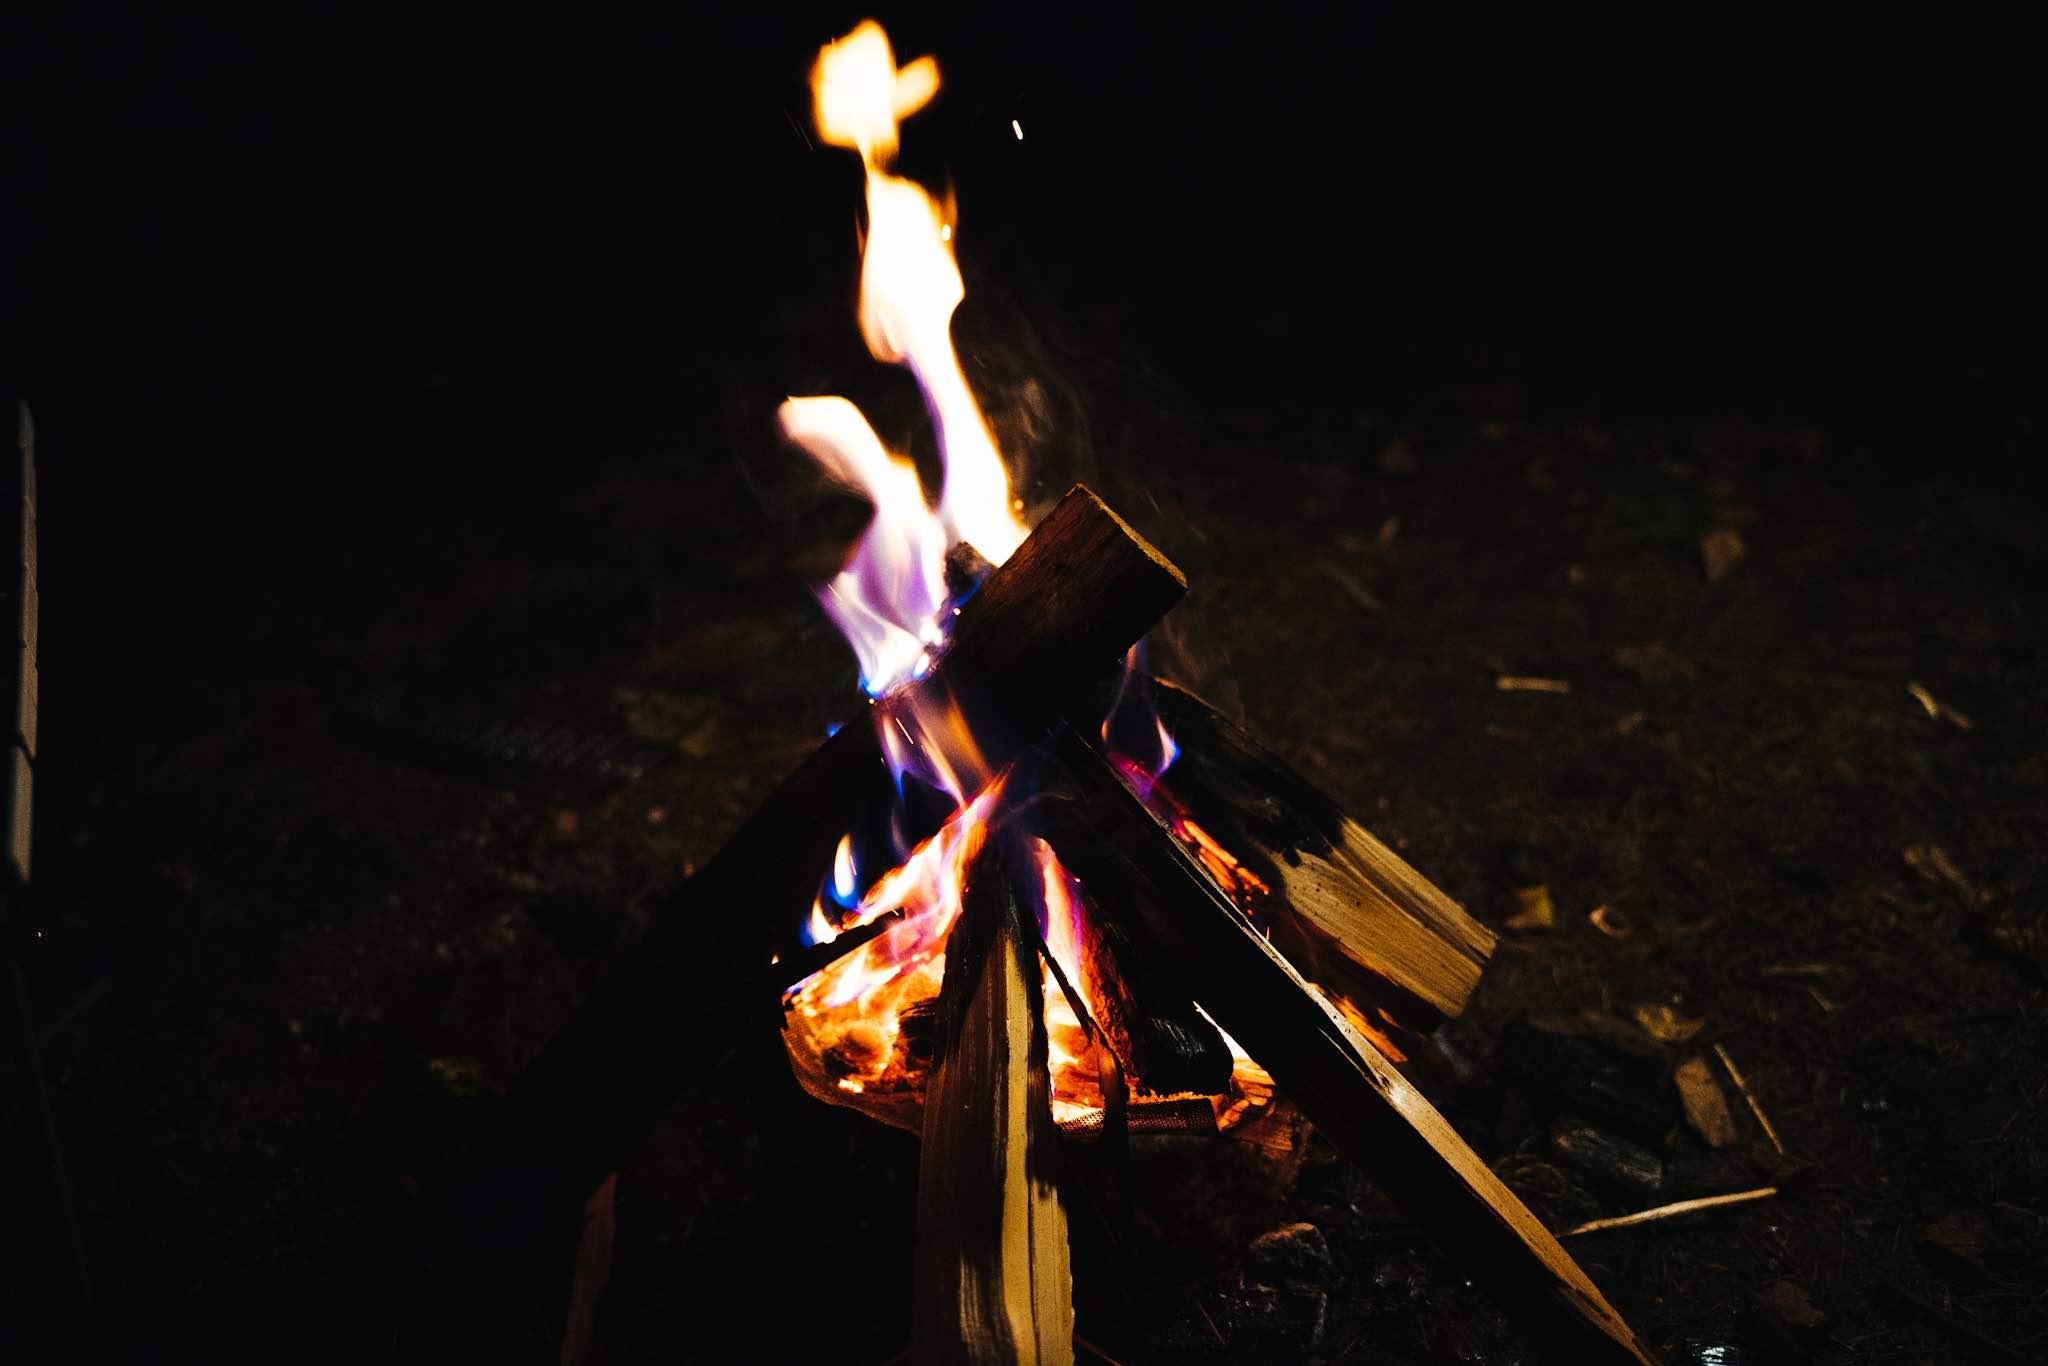 焚き火のやり方|初心者でもスムーズに着火